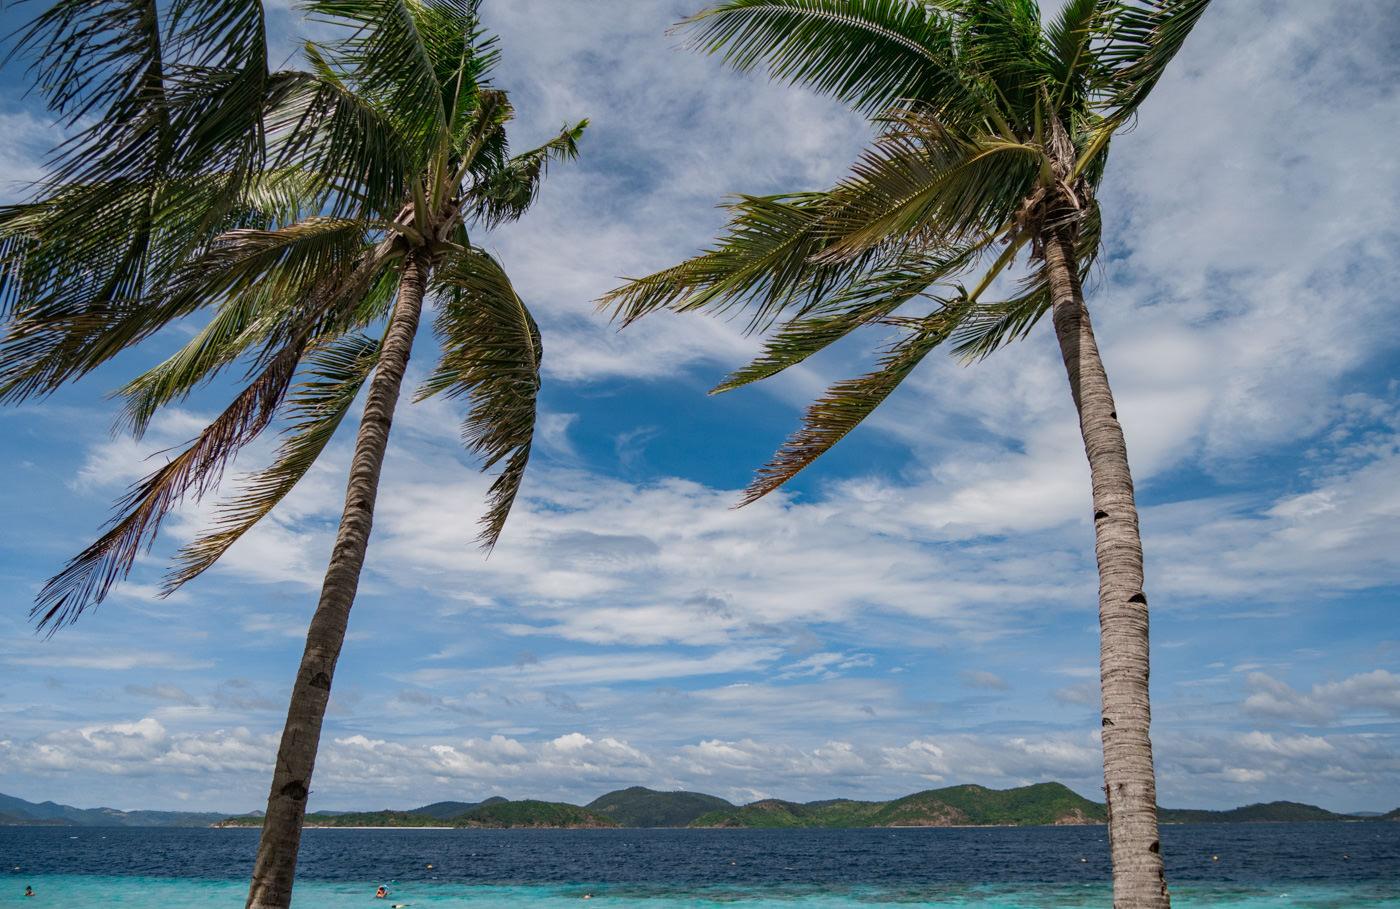 Palmen auf Banana Island auf den Philippinen